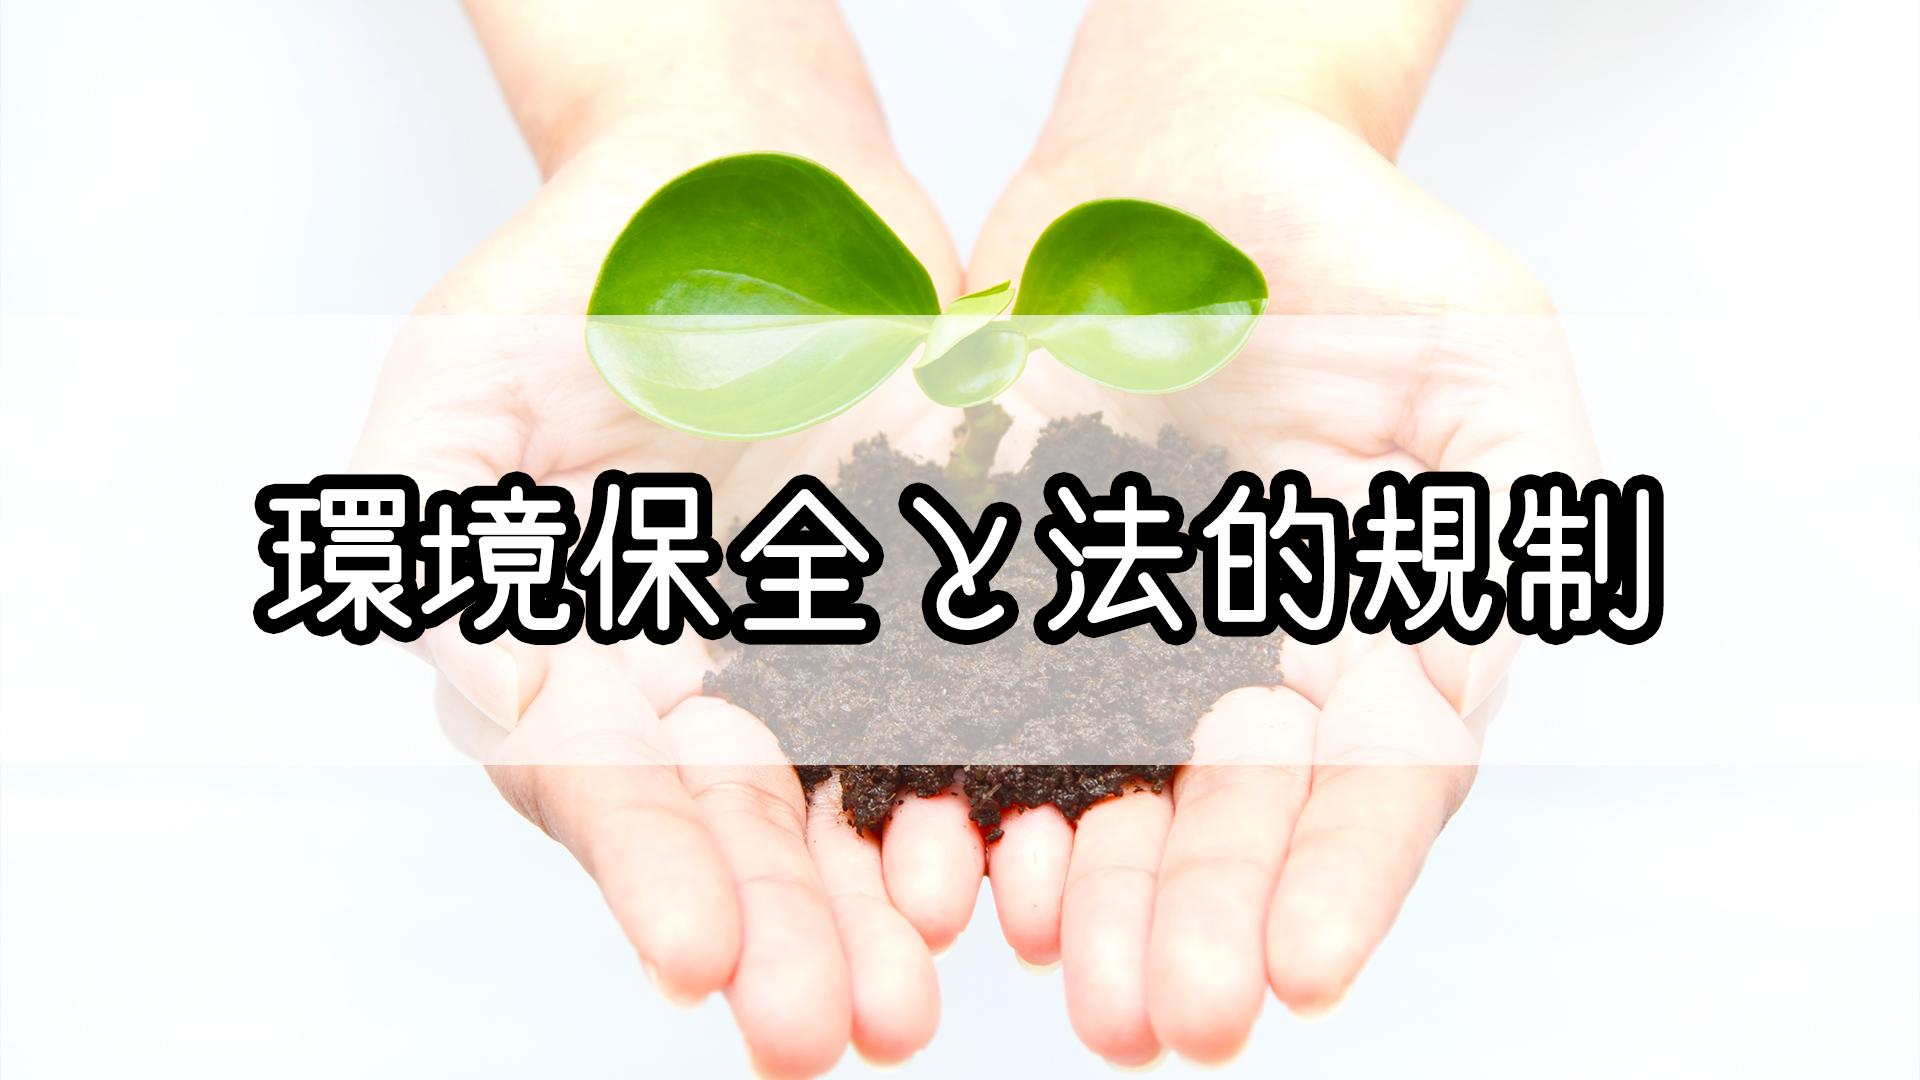 『環境保全と法的規制』のゴロ・覚え方